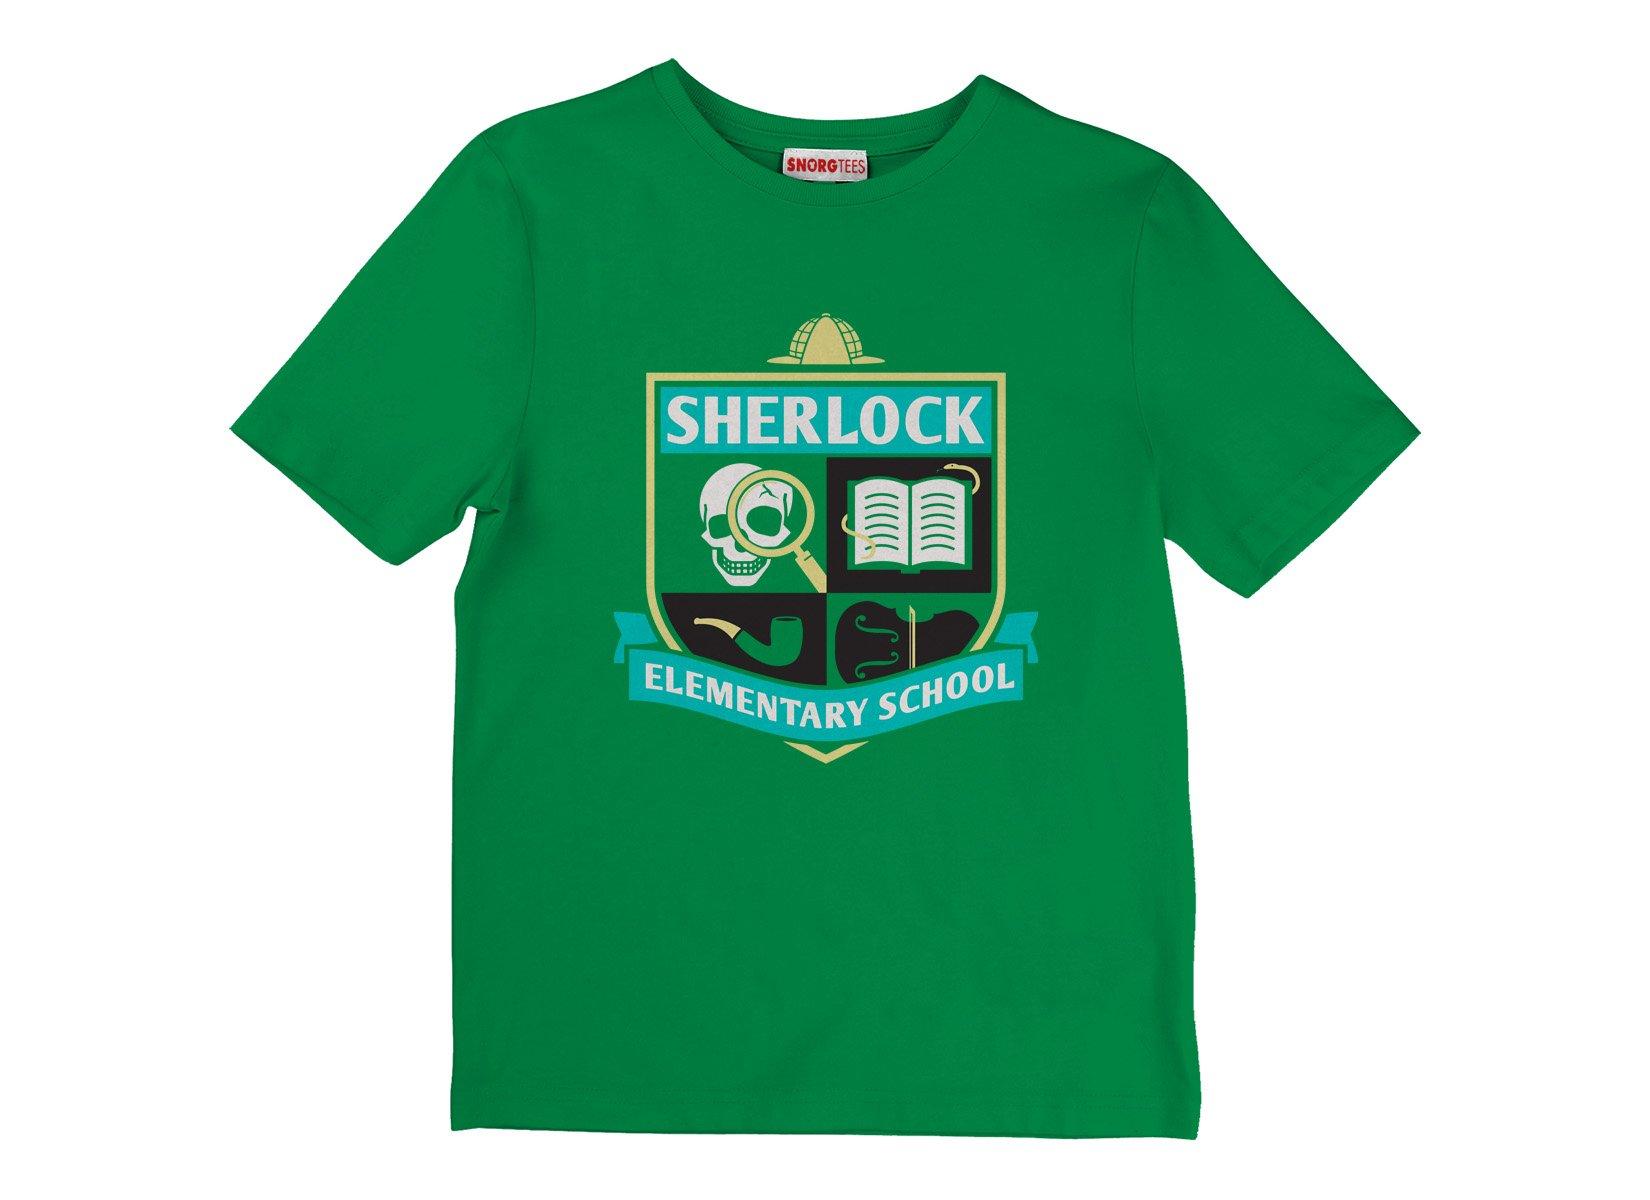 Sherlock Elementary School on Kids T-Shirt